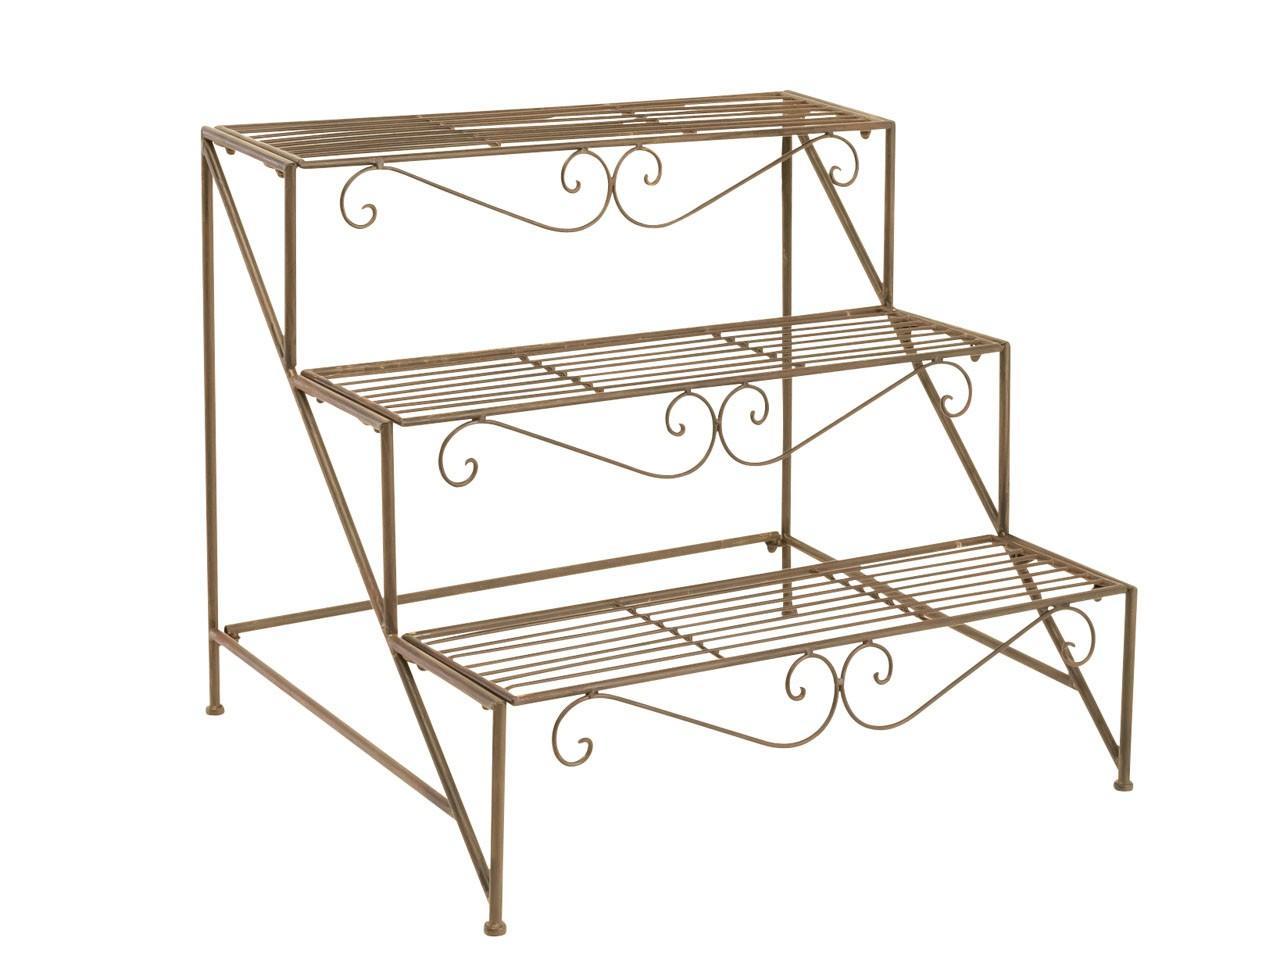 blumentreppe quassa mit 3 stufen metallstellage dunkel. Black Bedroom Furniture Sets. Home Design Ideas